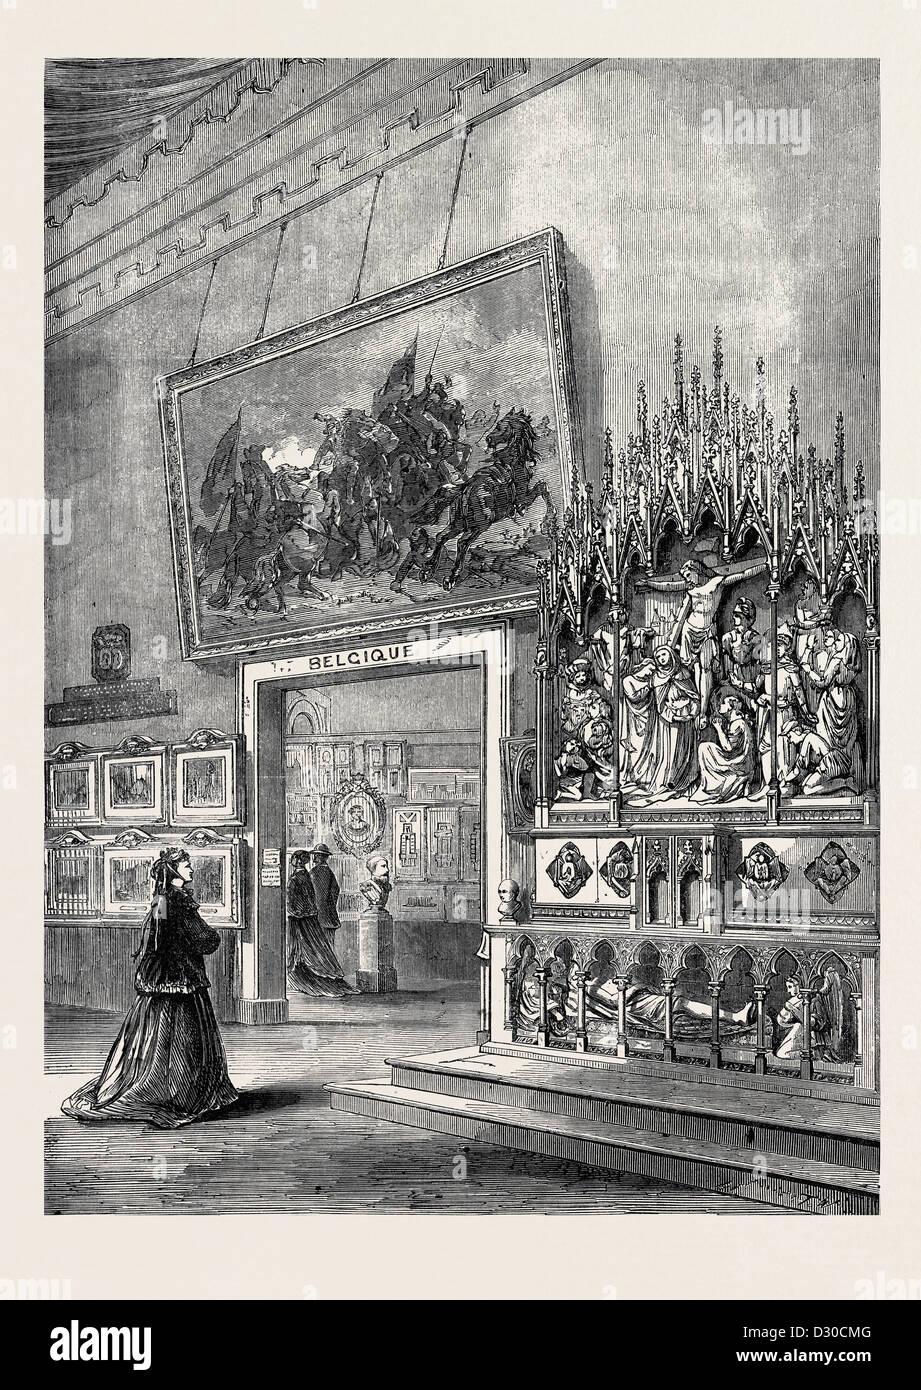 L'EXPOSITION INTERNATIONALE DE PARIS: SALON DES BEAUX ARTS DANS LA SECTION BELGE FRANCE 1867 Photo Stock